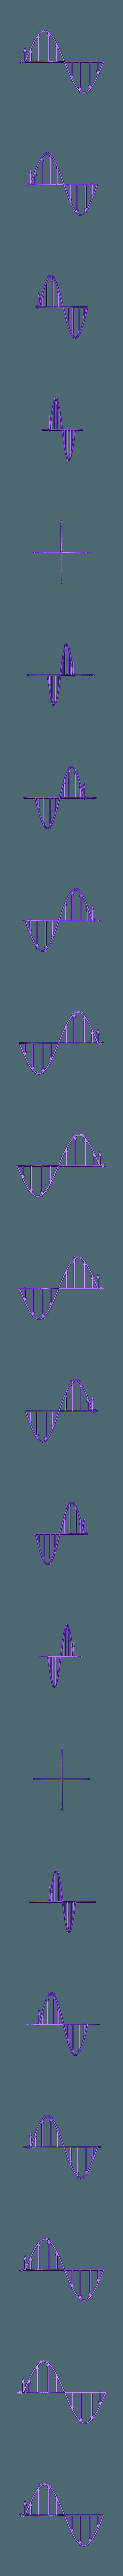 EM_Wave.stl Télécharger fichier STL gratuit Onde électromagnétique • Modèle imprimable en 3D, sjpiper145